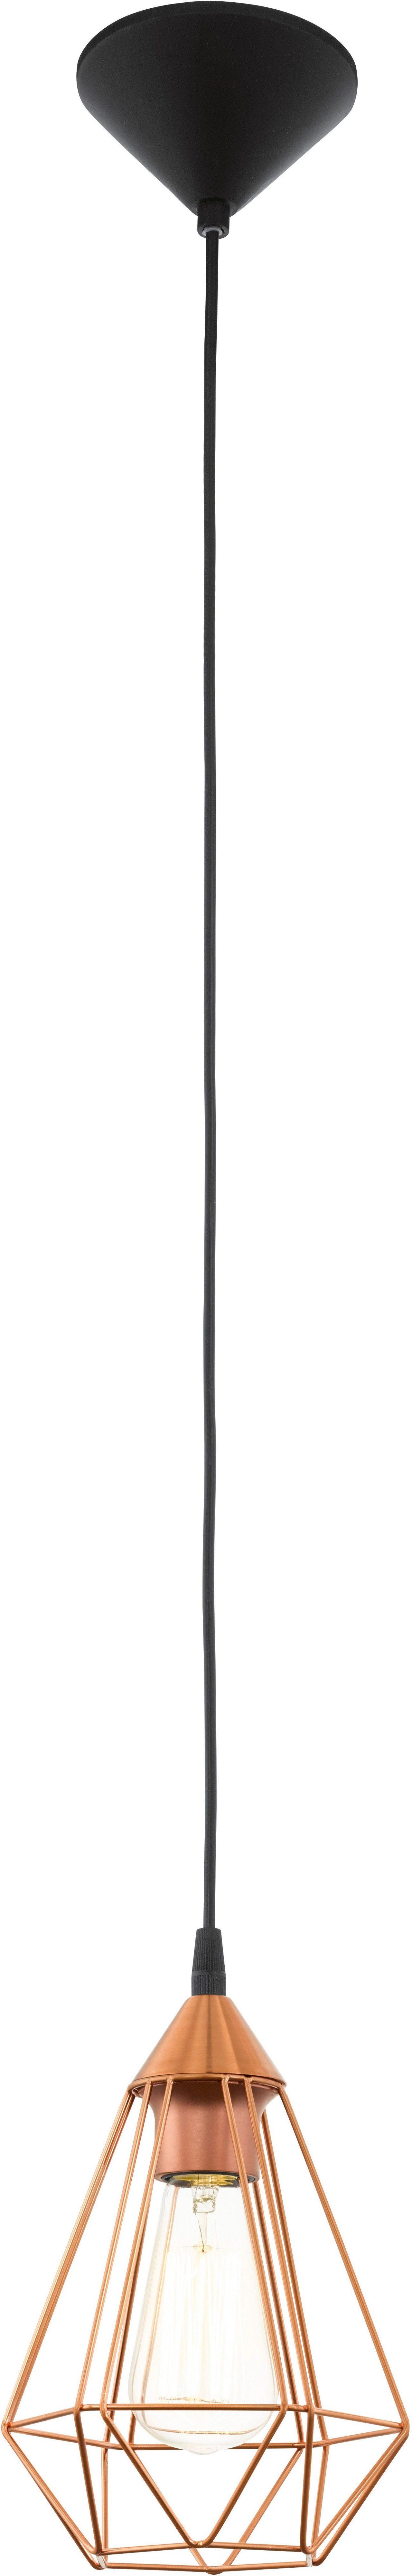 Eglo Pendelleuchte, 1flg., Ø 17,5 cm, »TRABES«